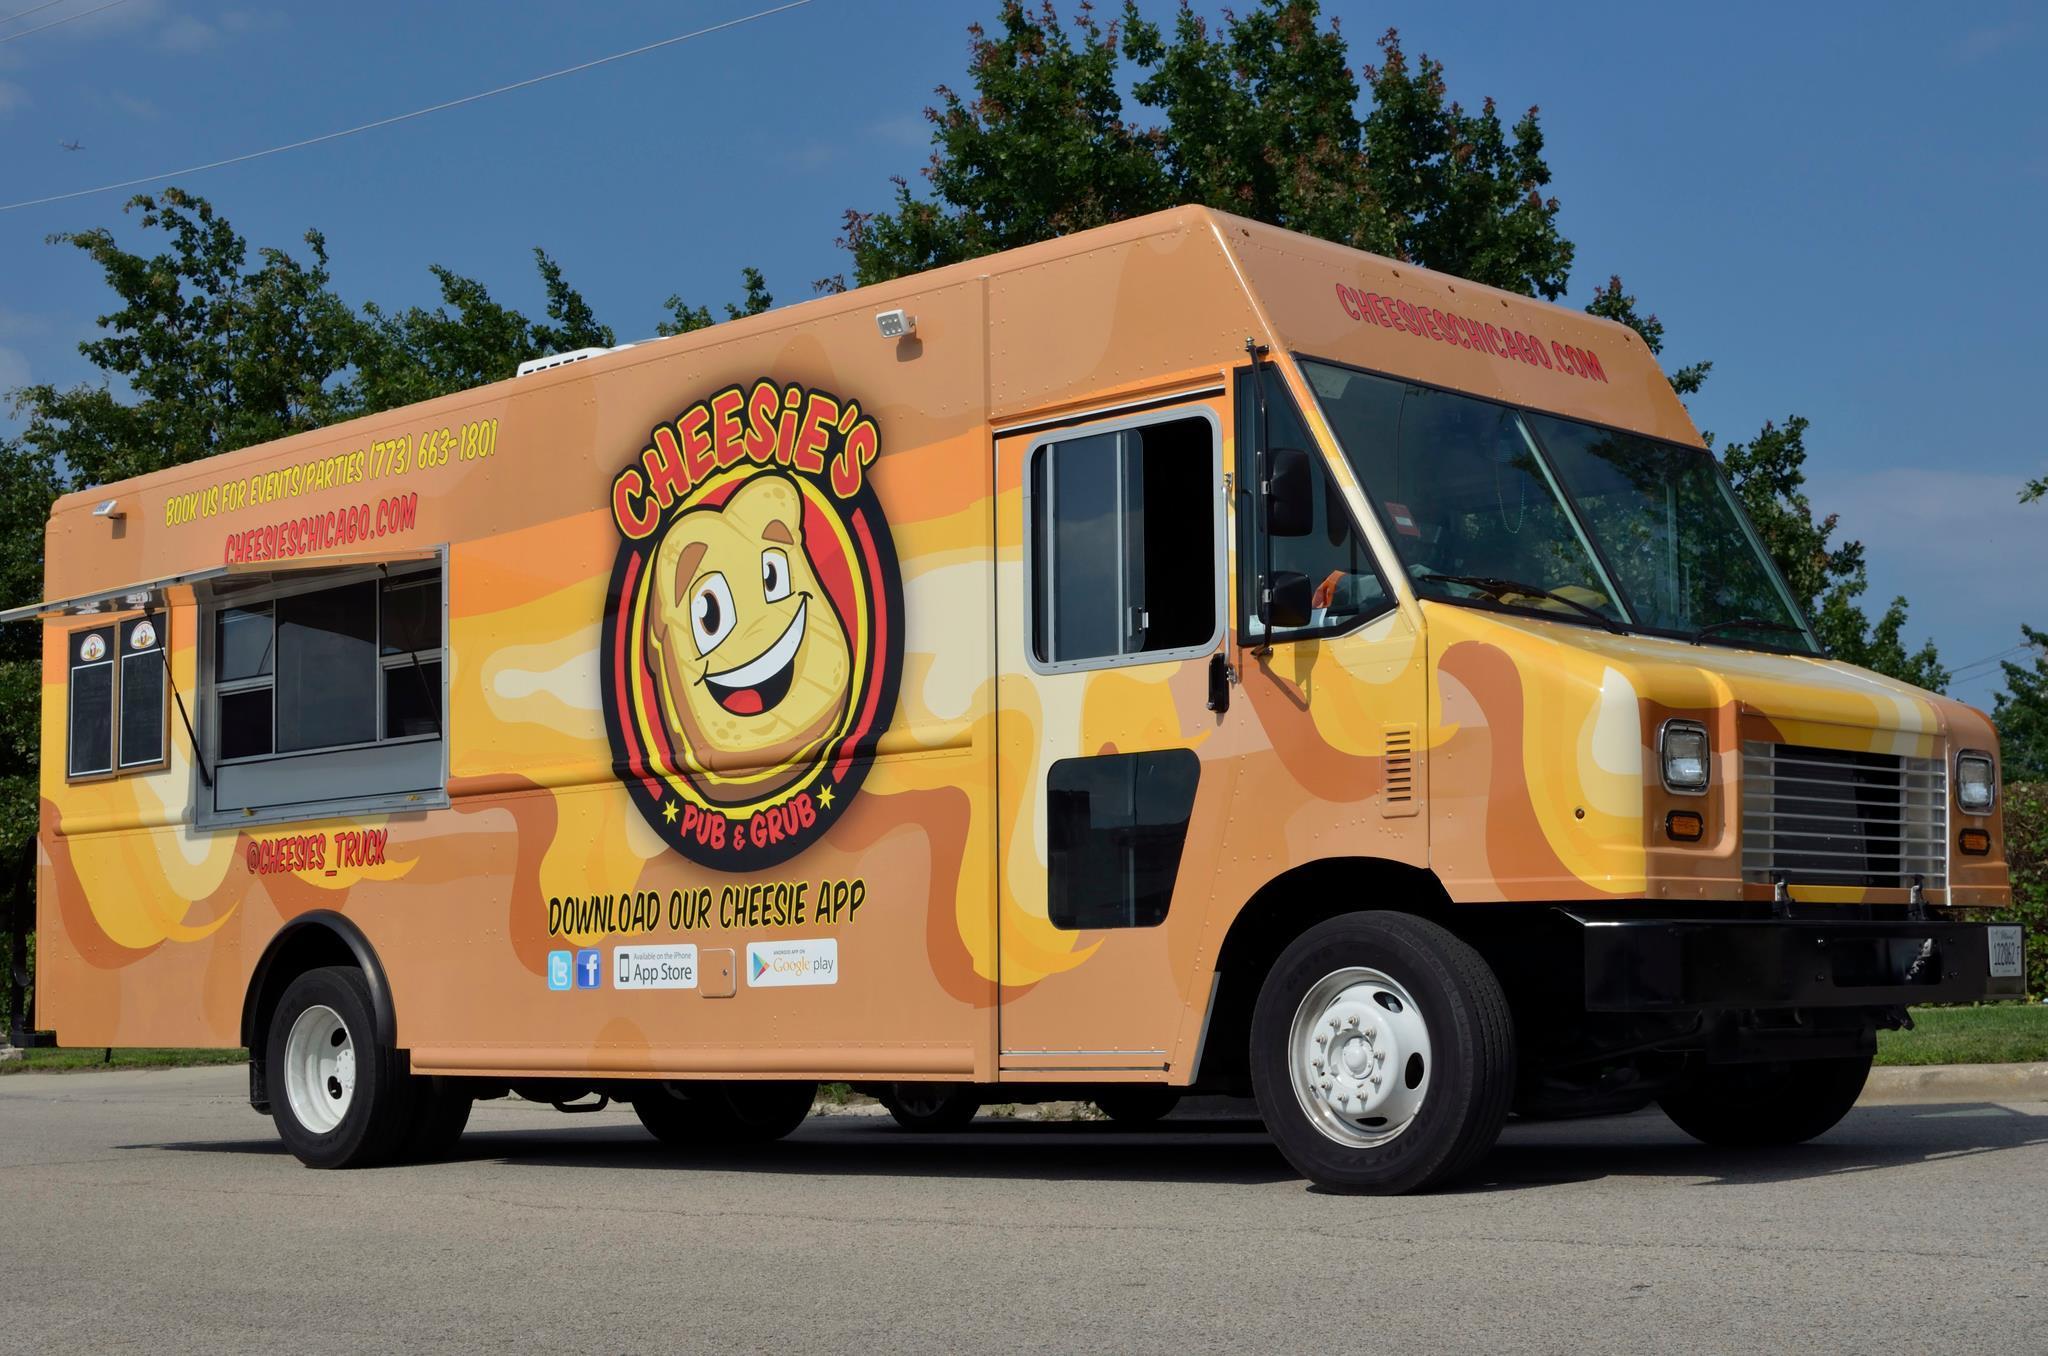 Cheesie's Truck